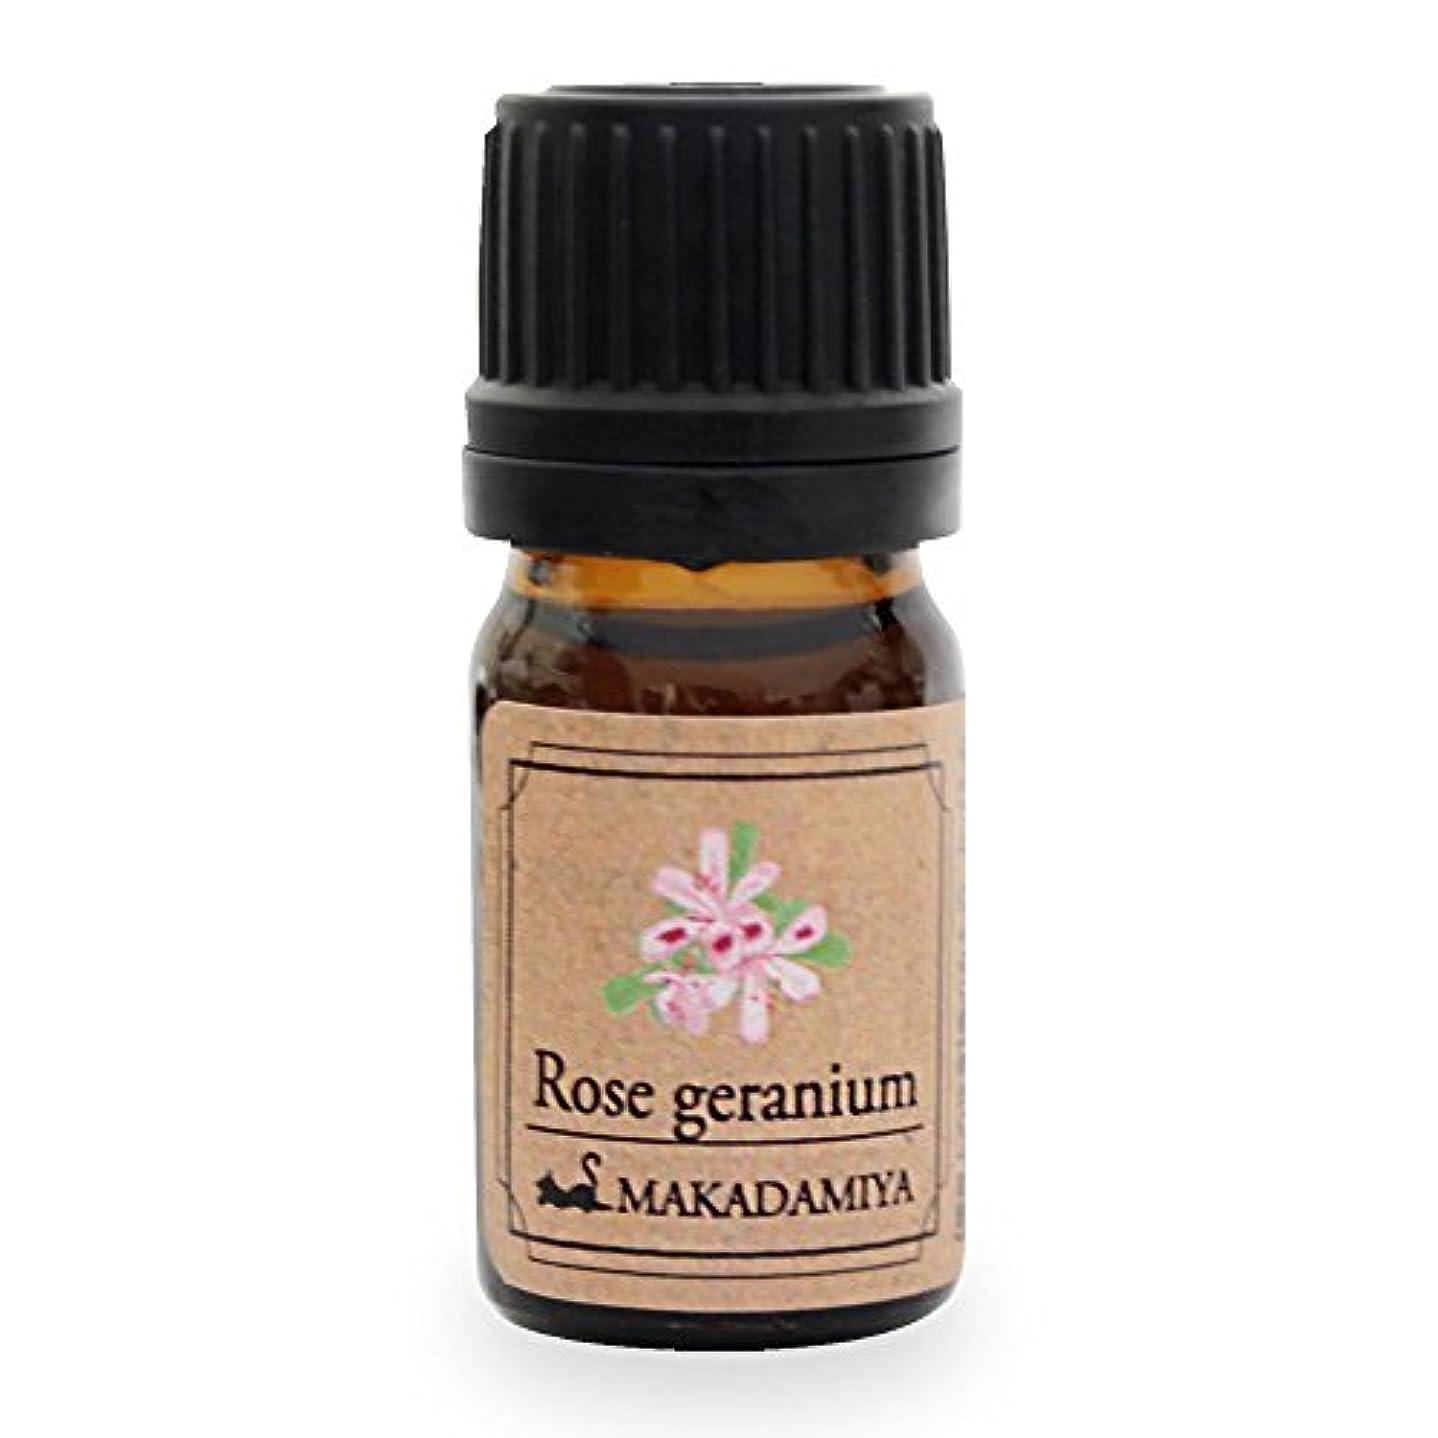 雑草噂香ばしいローズゼラニウム5ml 天然100%植物性 エッセンシャルオイル(精油) アロマオイル アロママッサージ aroma Rose Geranium